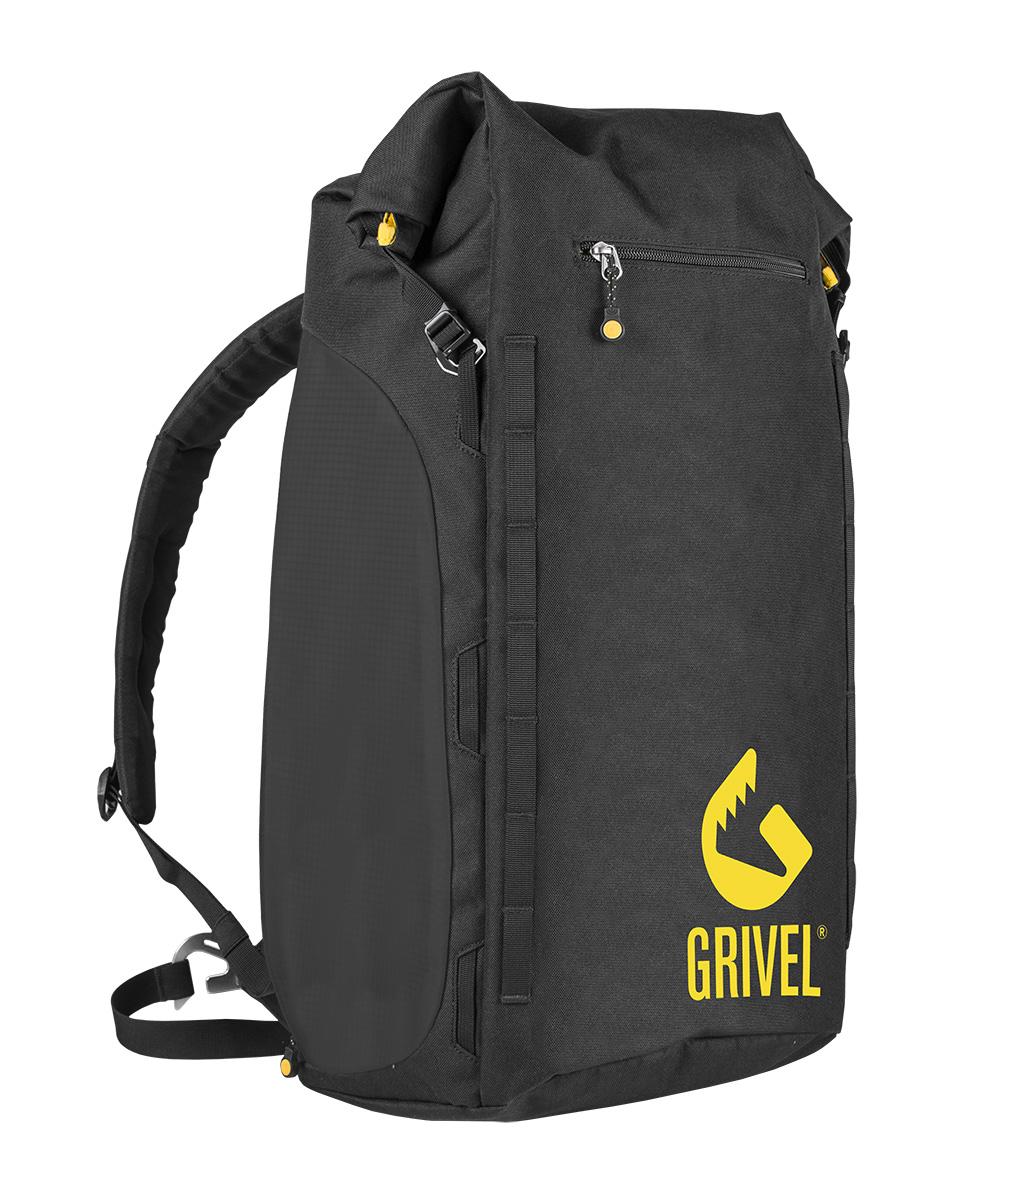 4746a65d1c569 Zaino da alpinismo e arrampicata Gravity di Grivel  versatile